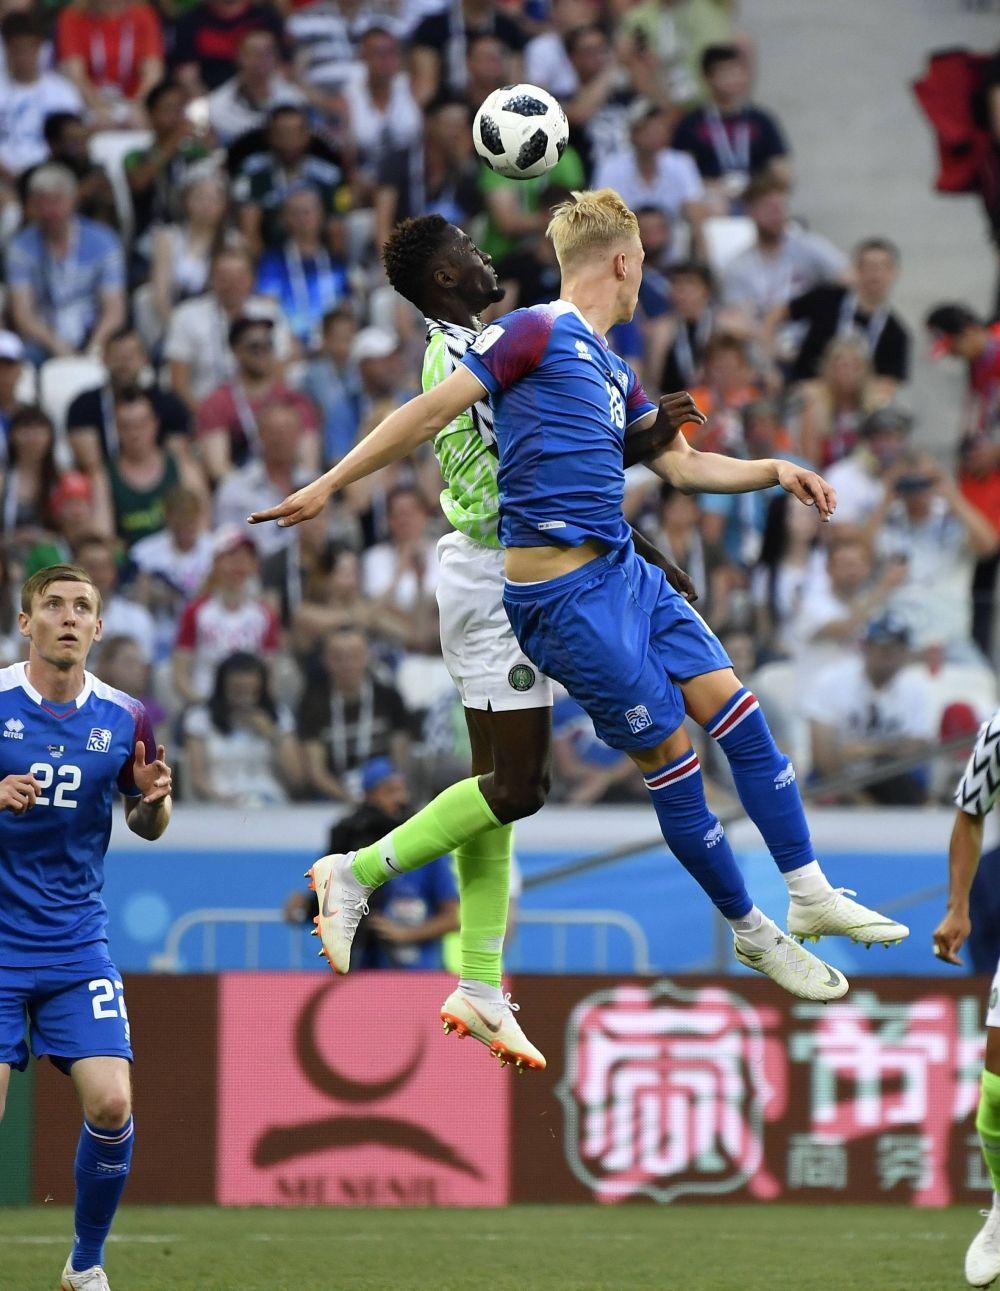 Игроки сборных Нигерии и Исландии то и дело боролись в воздухе.